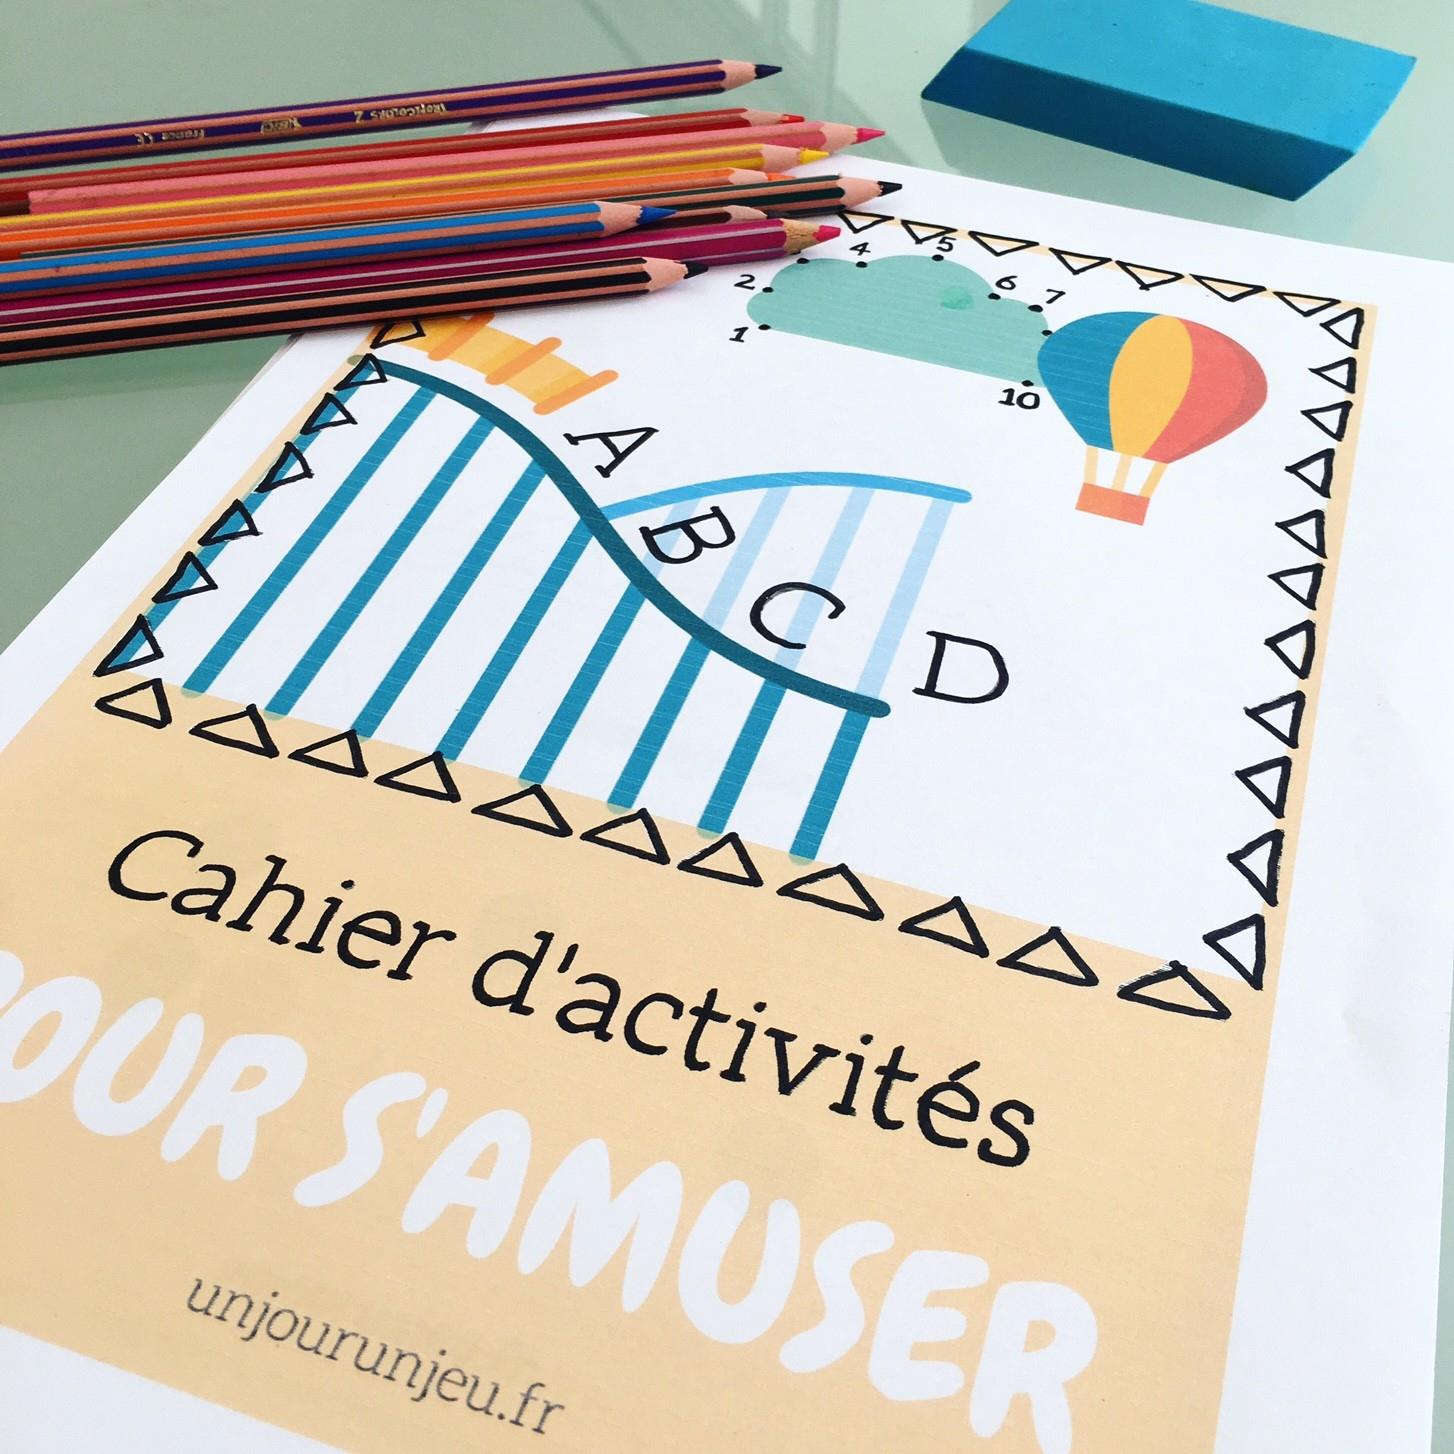 Cahier D'activités Enfants Pour Les Vacances À Imprimer encequiconcerne Cahier De Vacances Maternelle Gratuit A Imprimer